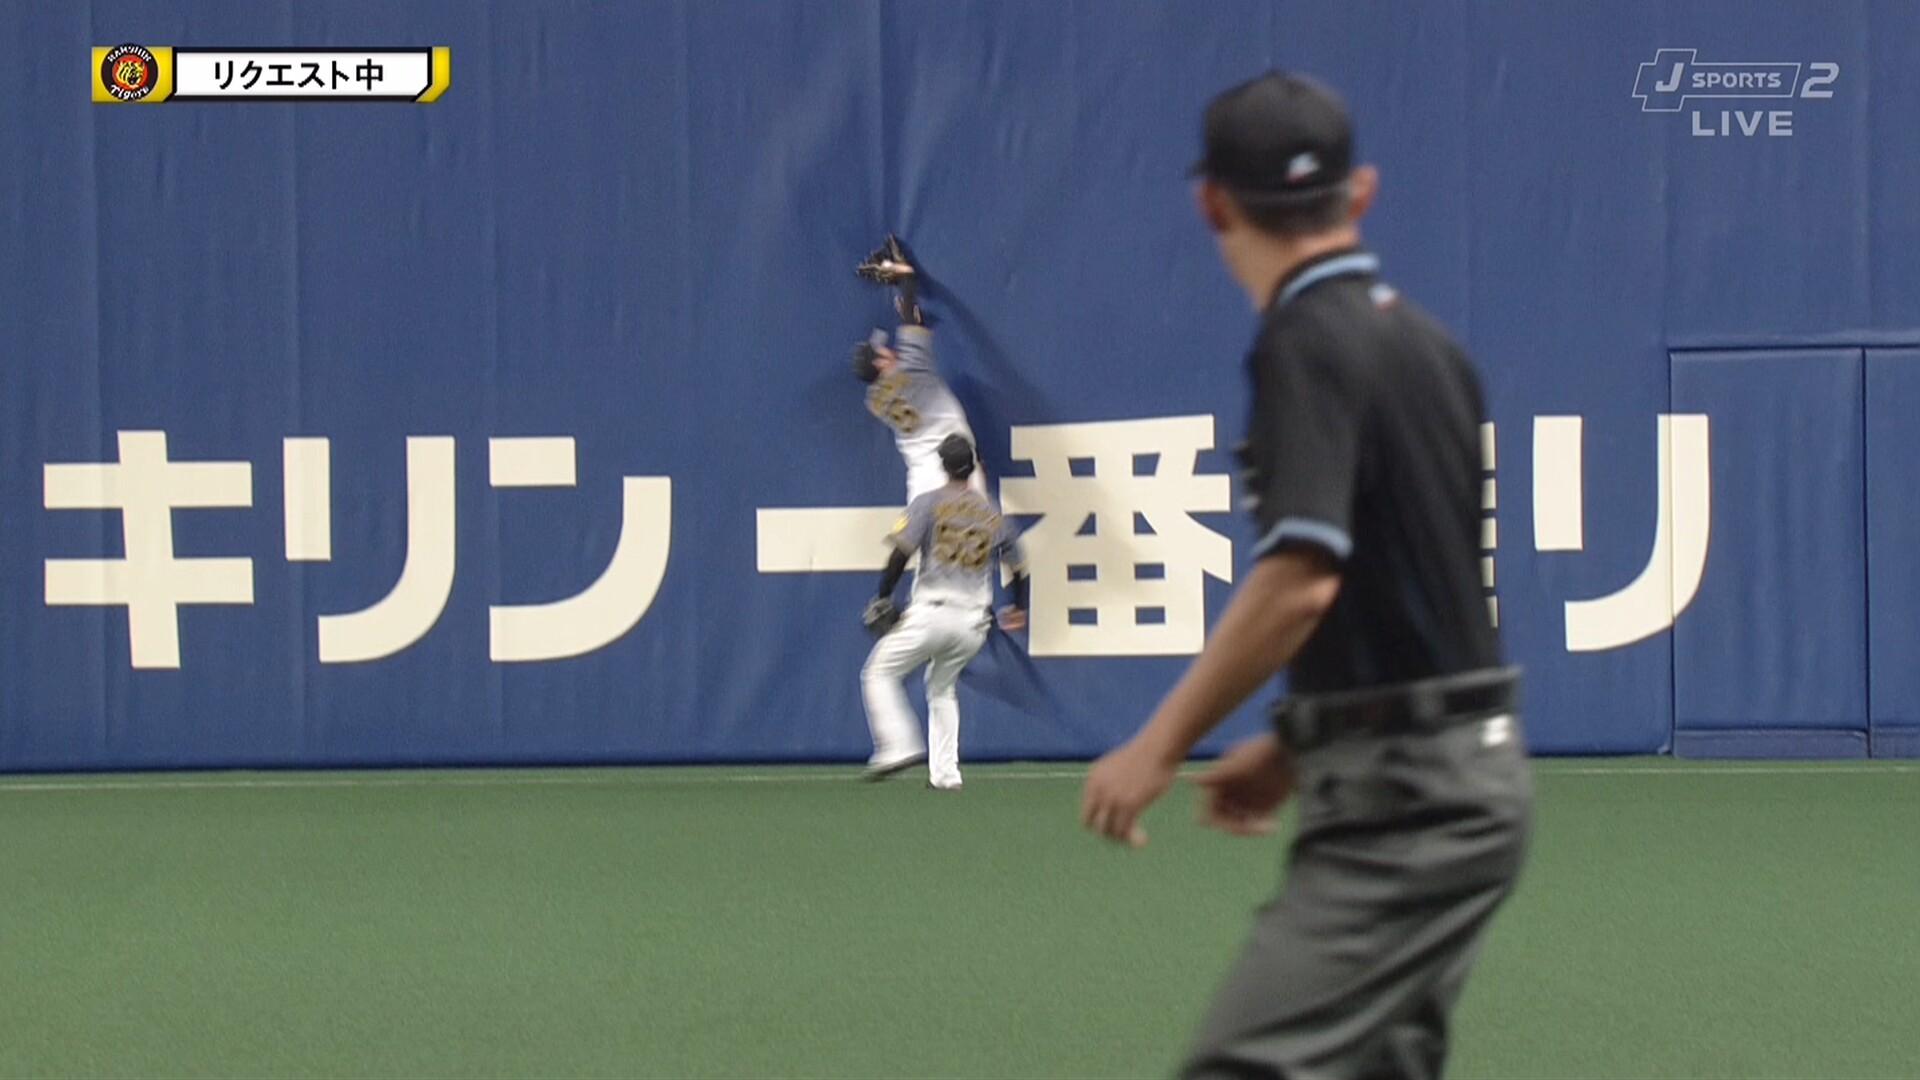 近本しゅげぇえええええええ! 三塁打をダイレクトキャッチ